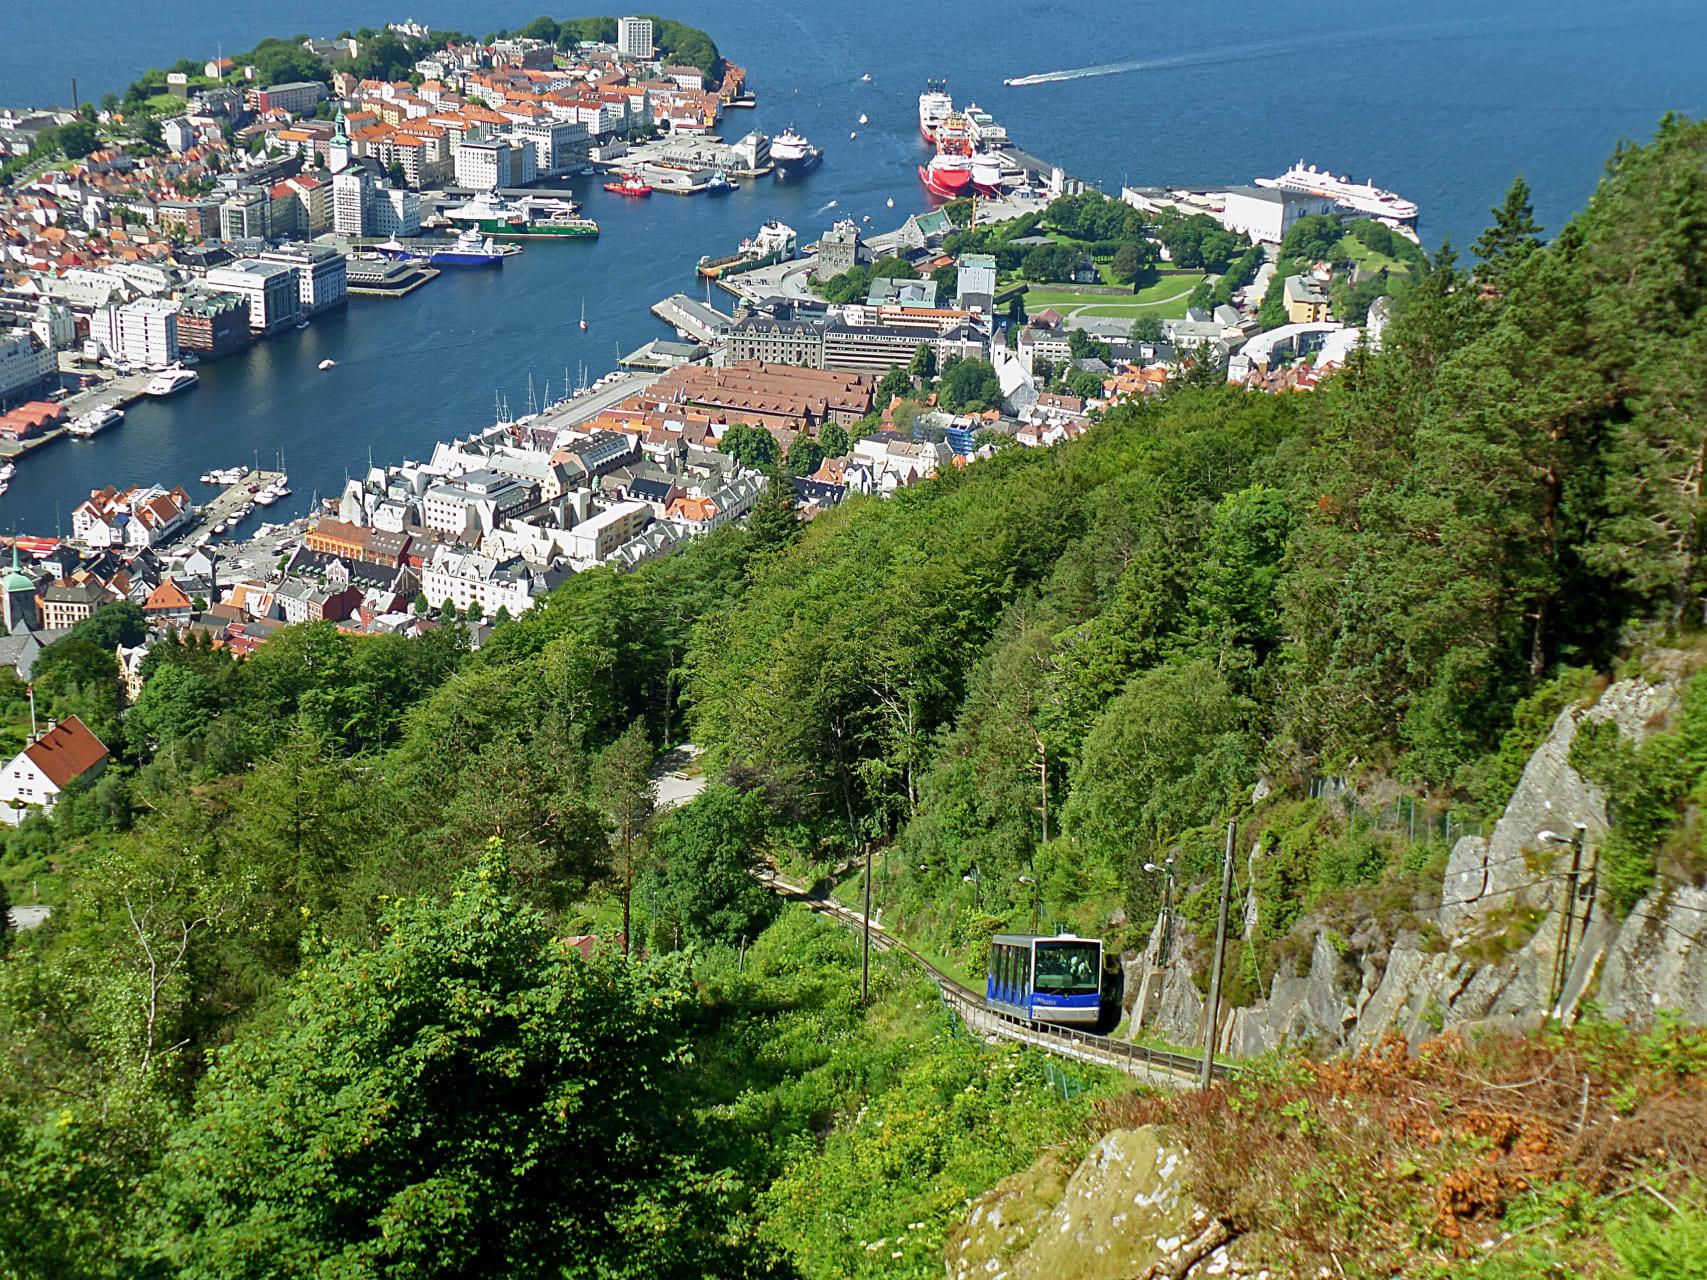 Bergen - History & Nature Along Bergen's Hillside